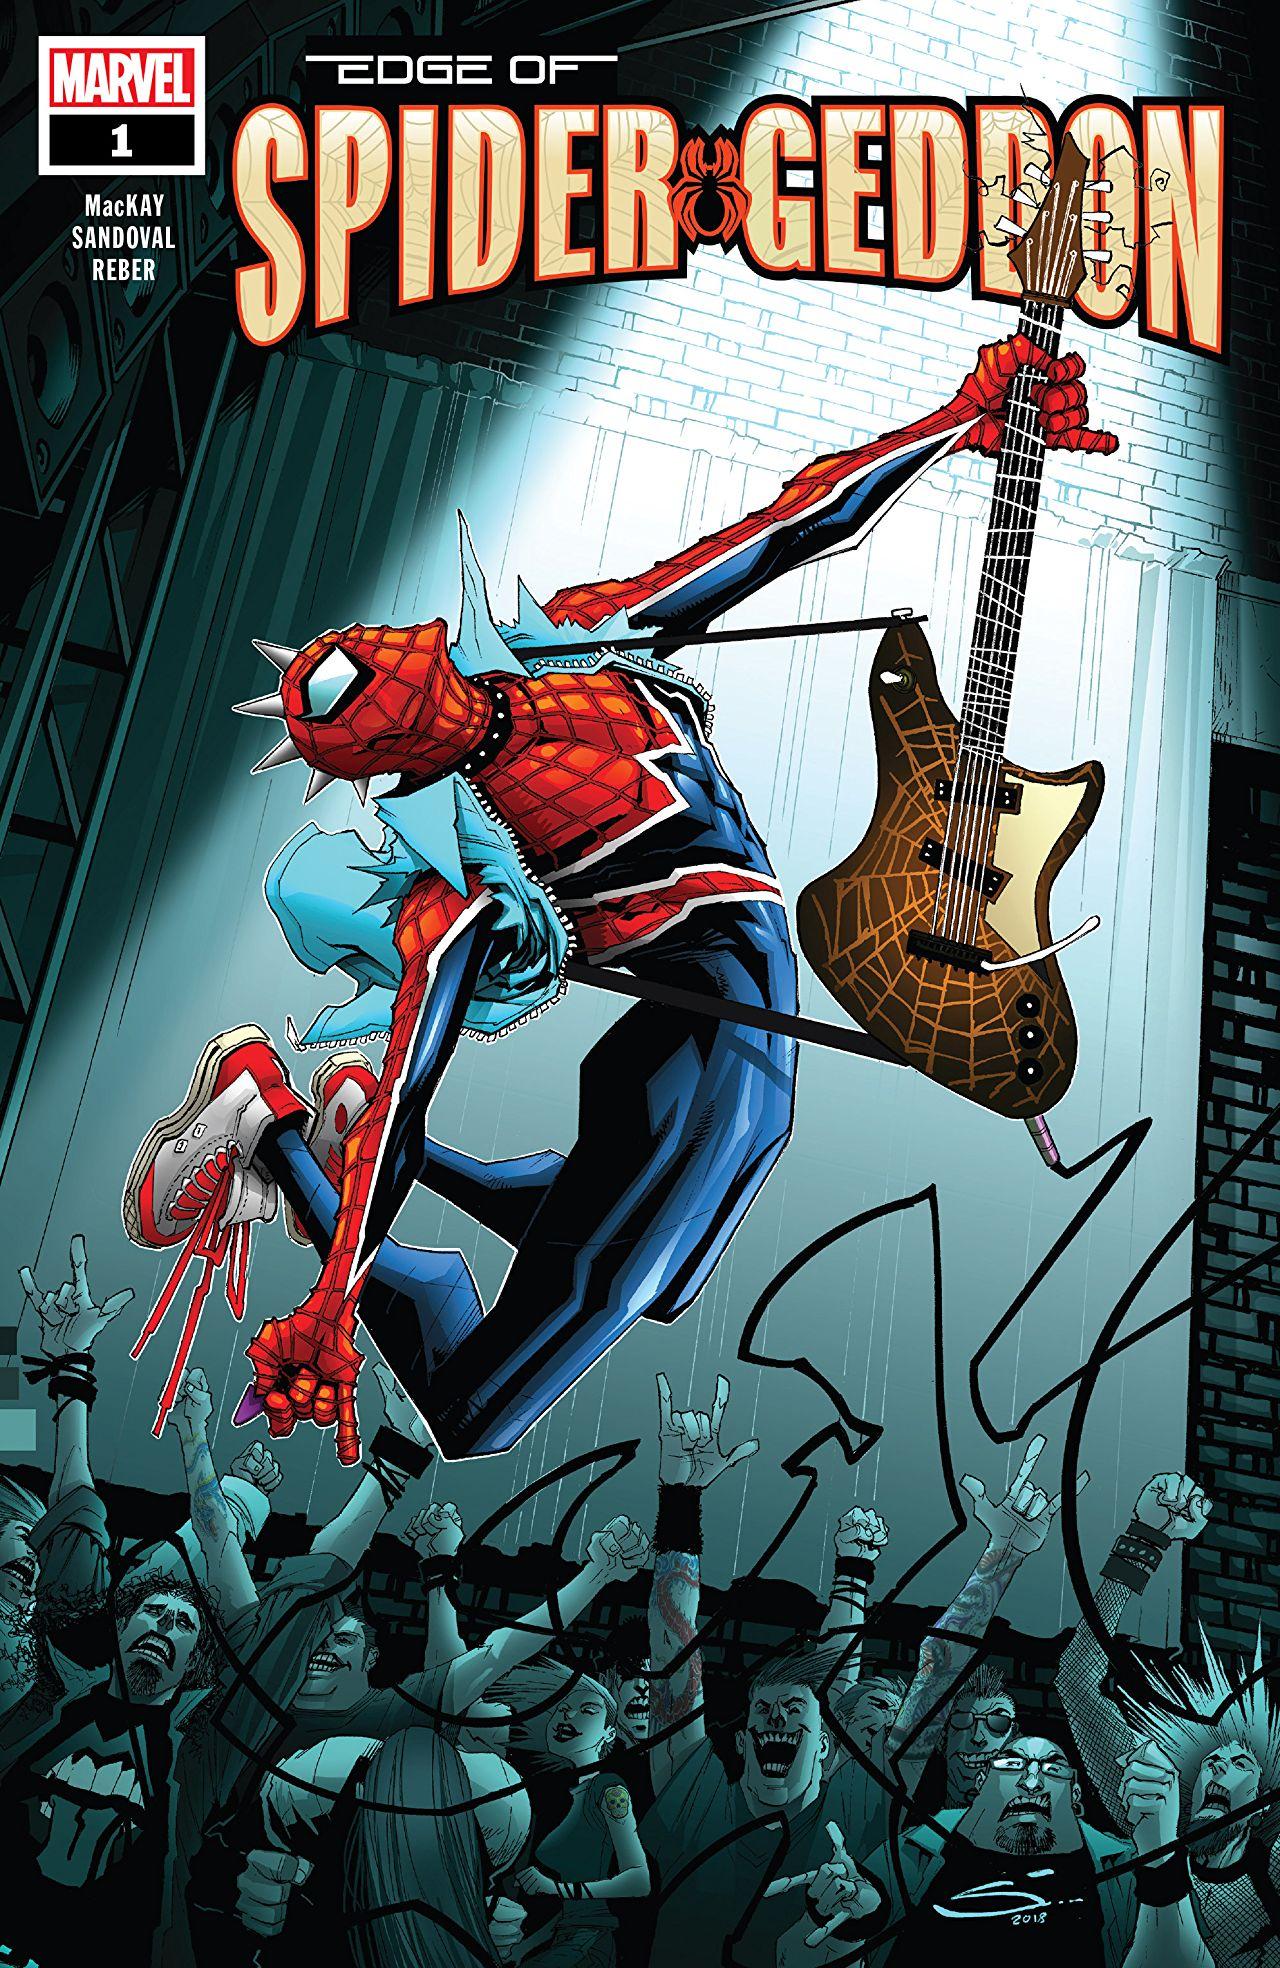 Человек-паук станет героем вселенной Marvel картинки